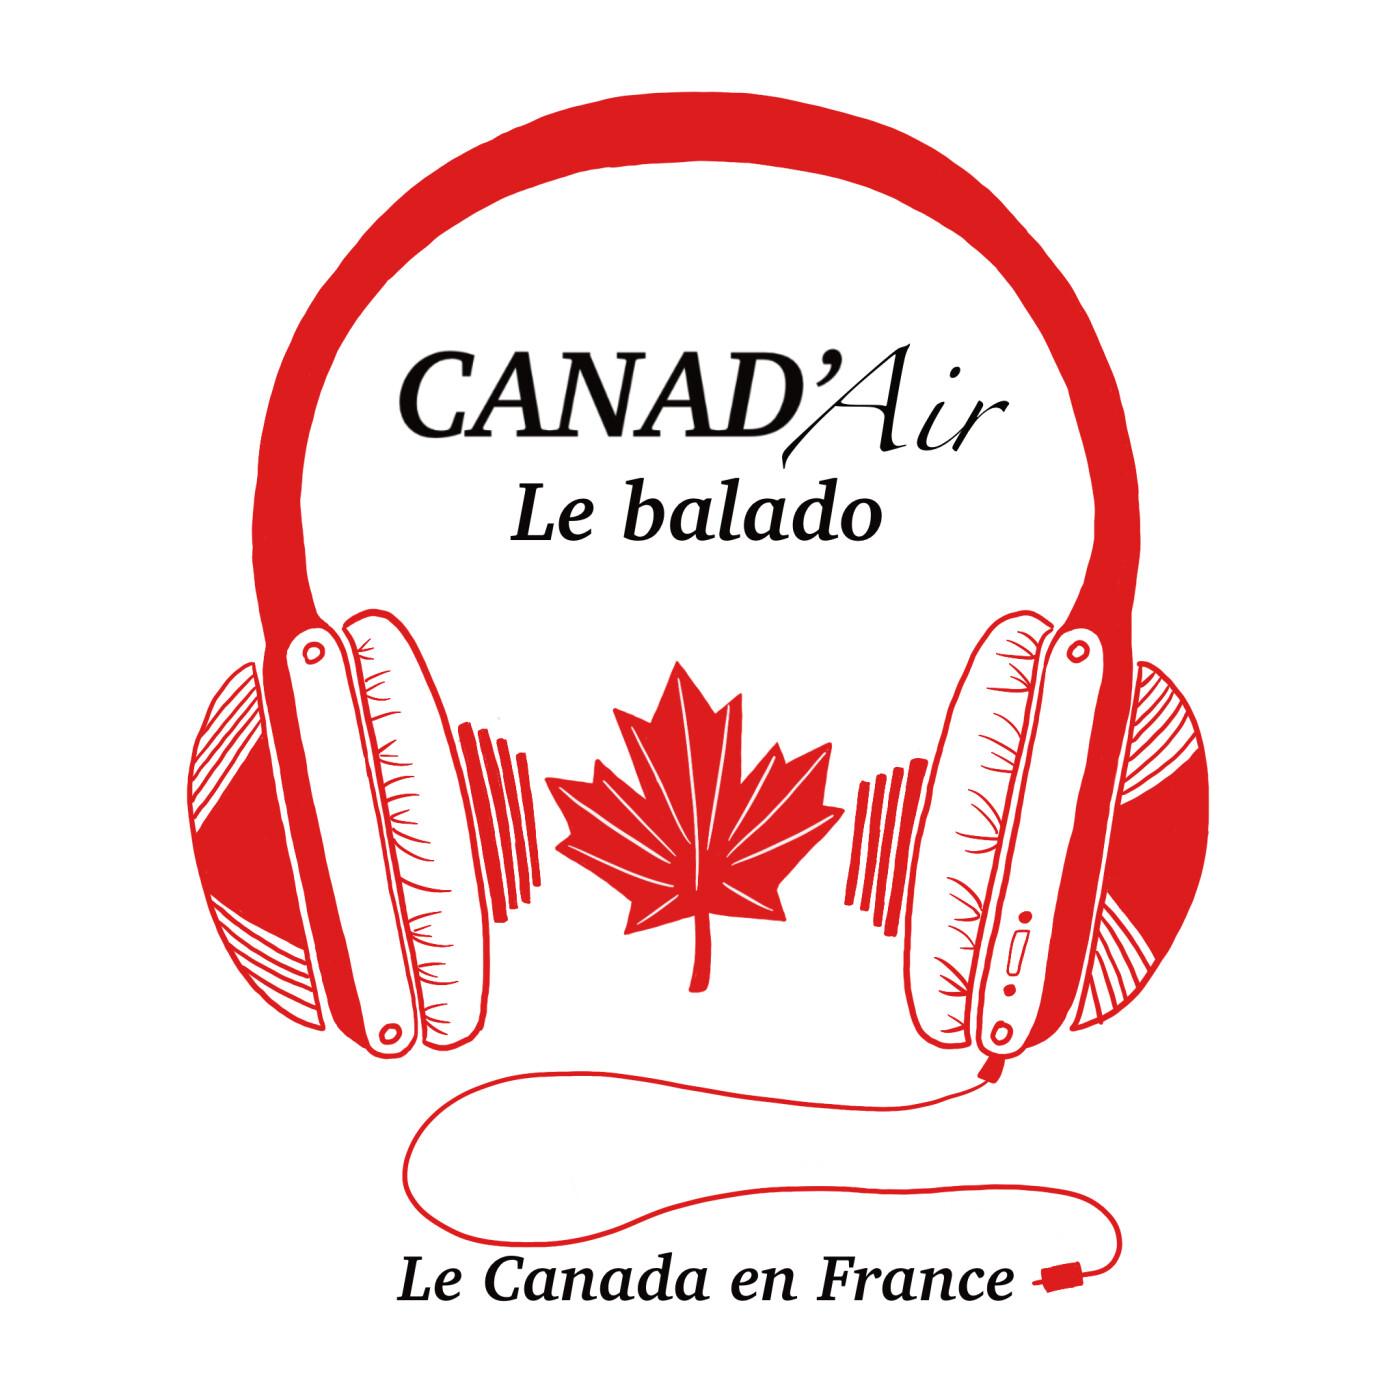 La Bande Annonce du balado du Canada en France - Saison 2